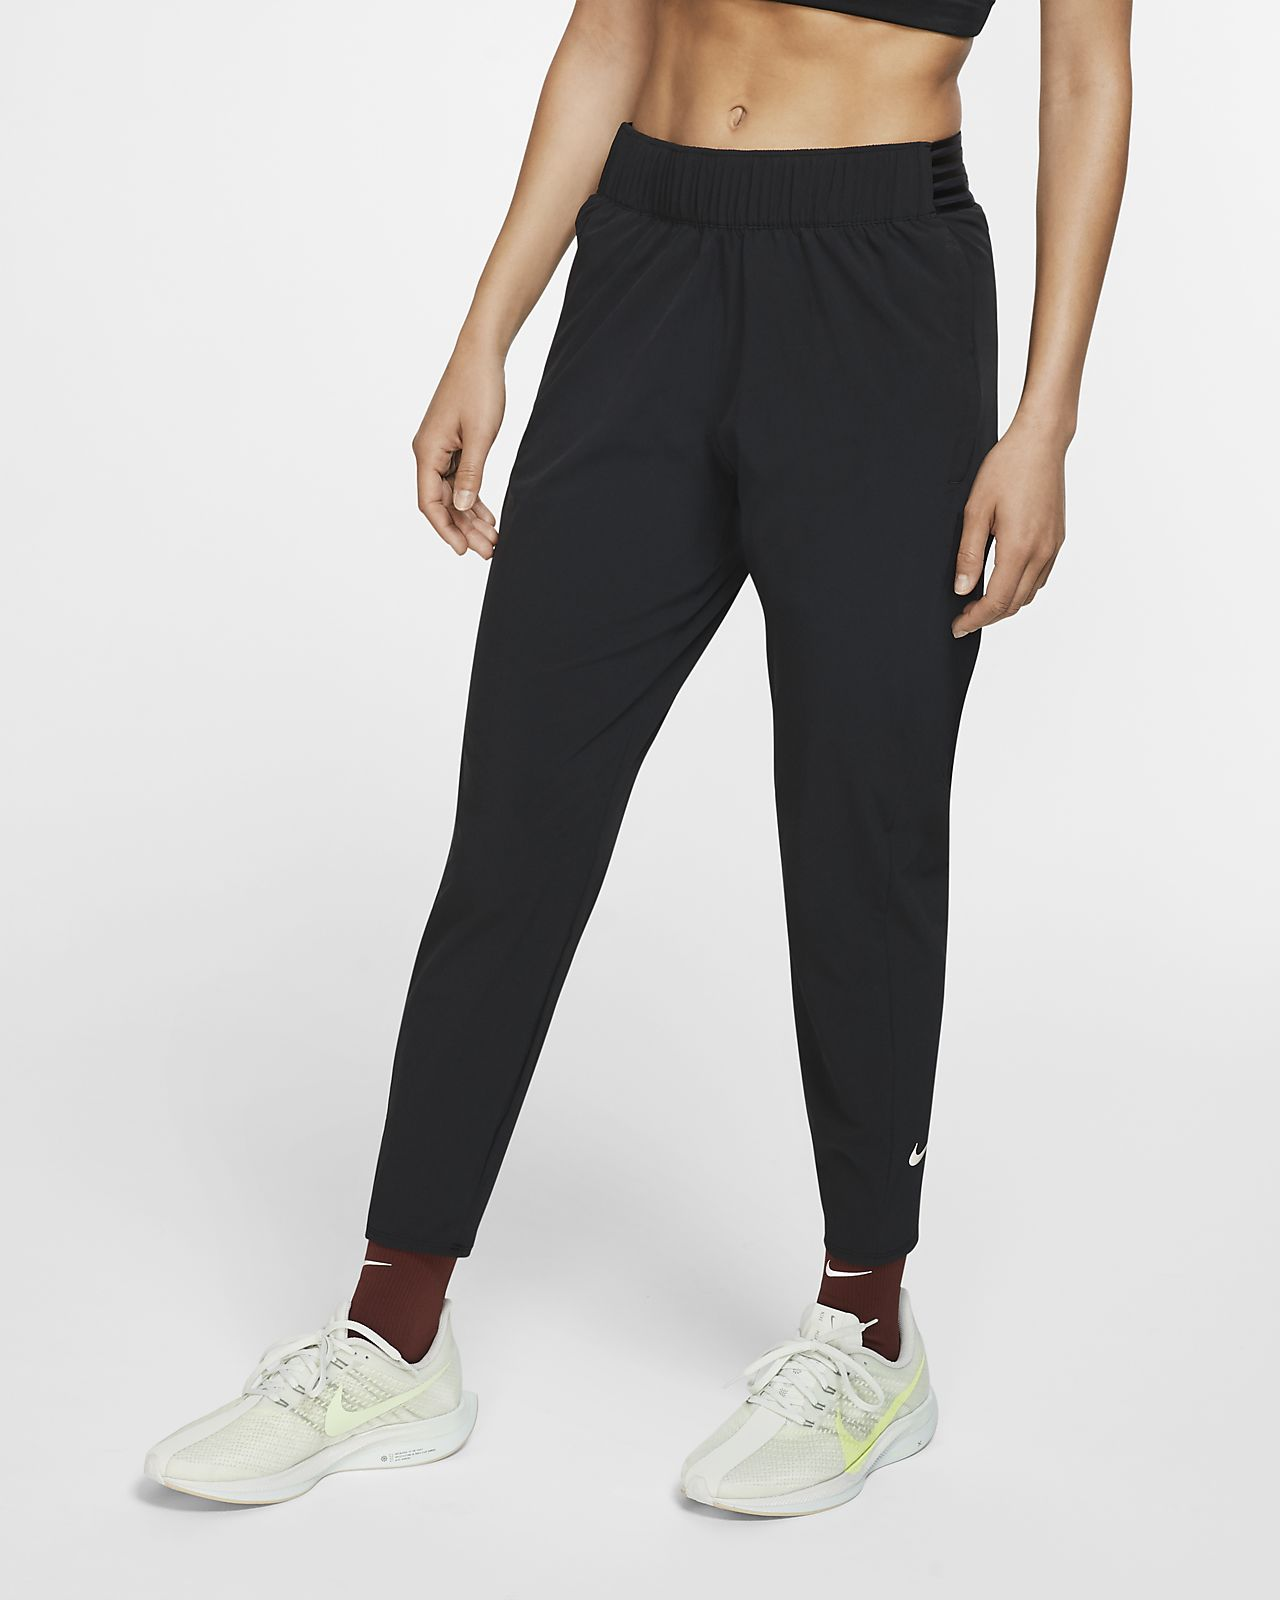 nike essential pants 2 7/8